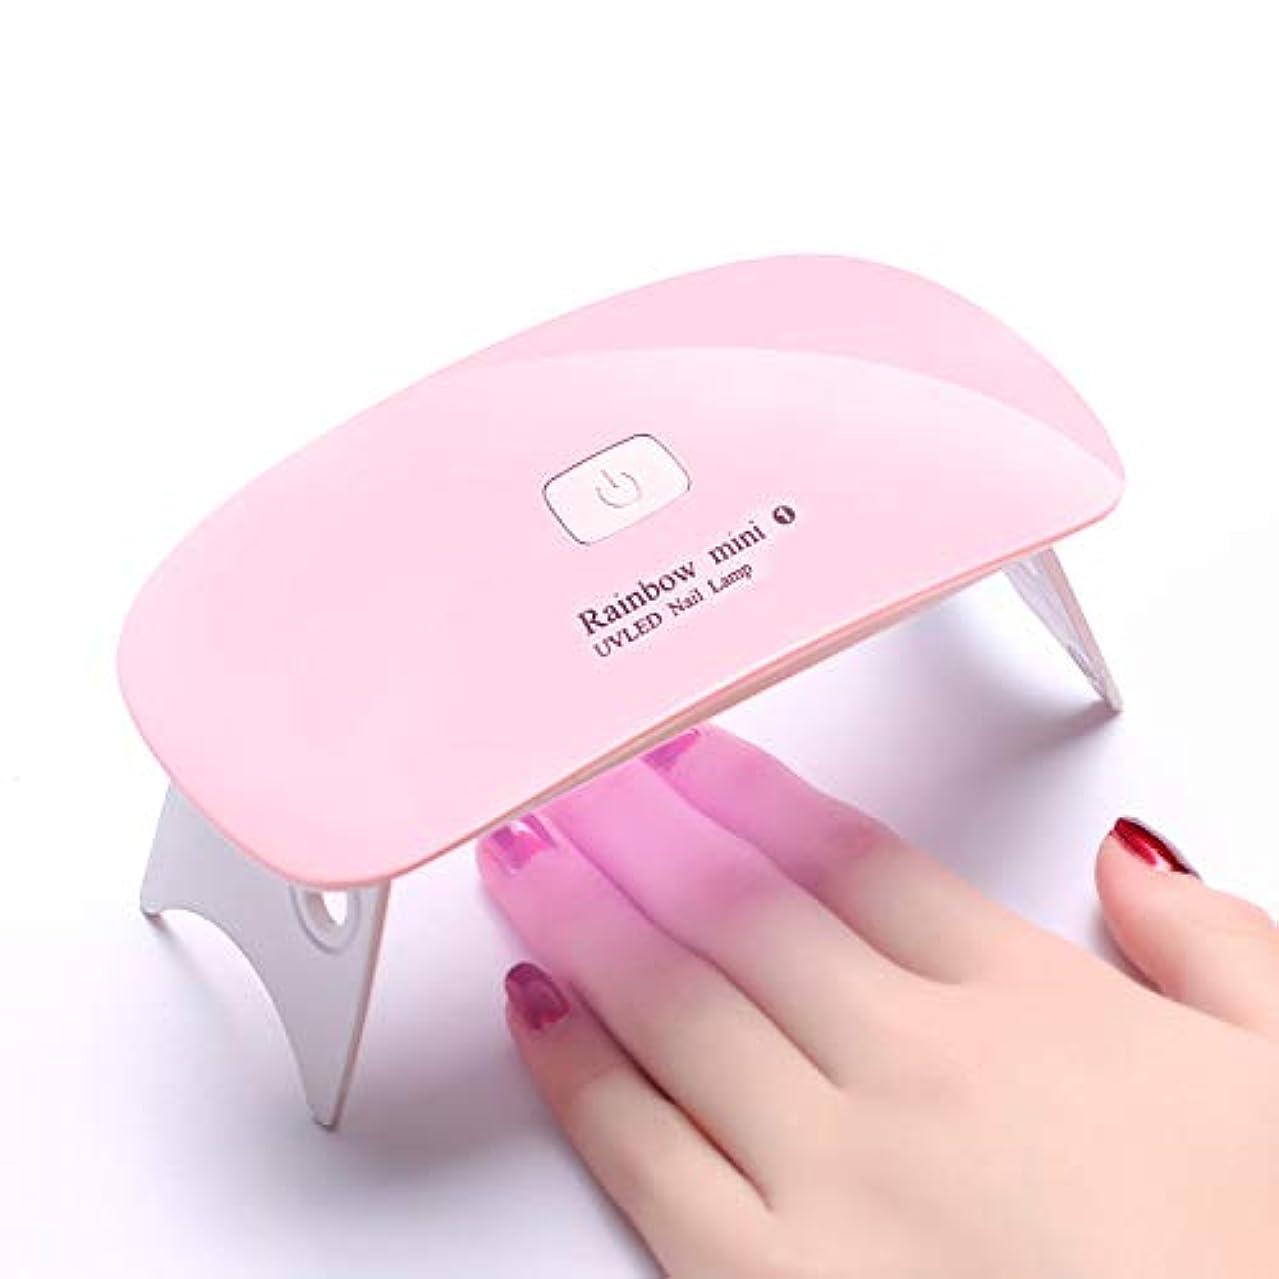 LEDネイルドライヤー UVライトRaintern タイマー設定可能 折りたたみ式手足とも使える 人感センサー式 LED 硬化ライト UV と LEDダブルライト ジェルネイル用 ピンク